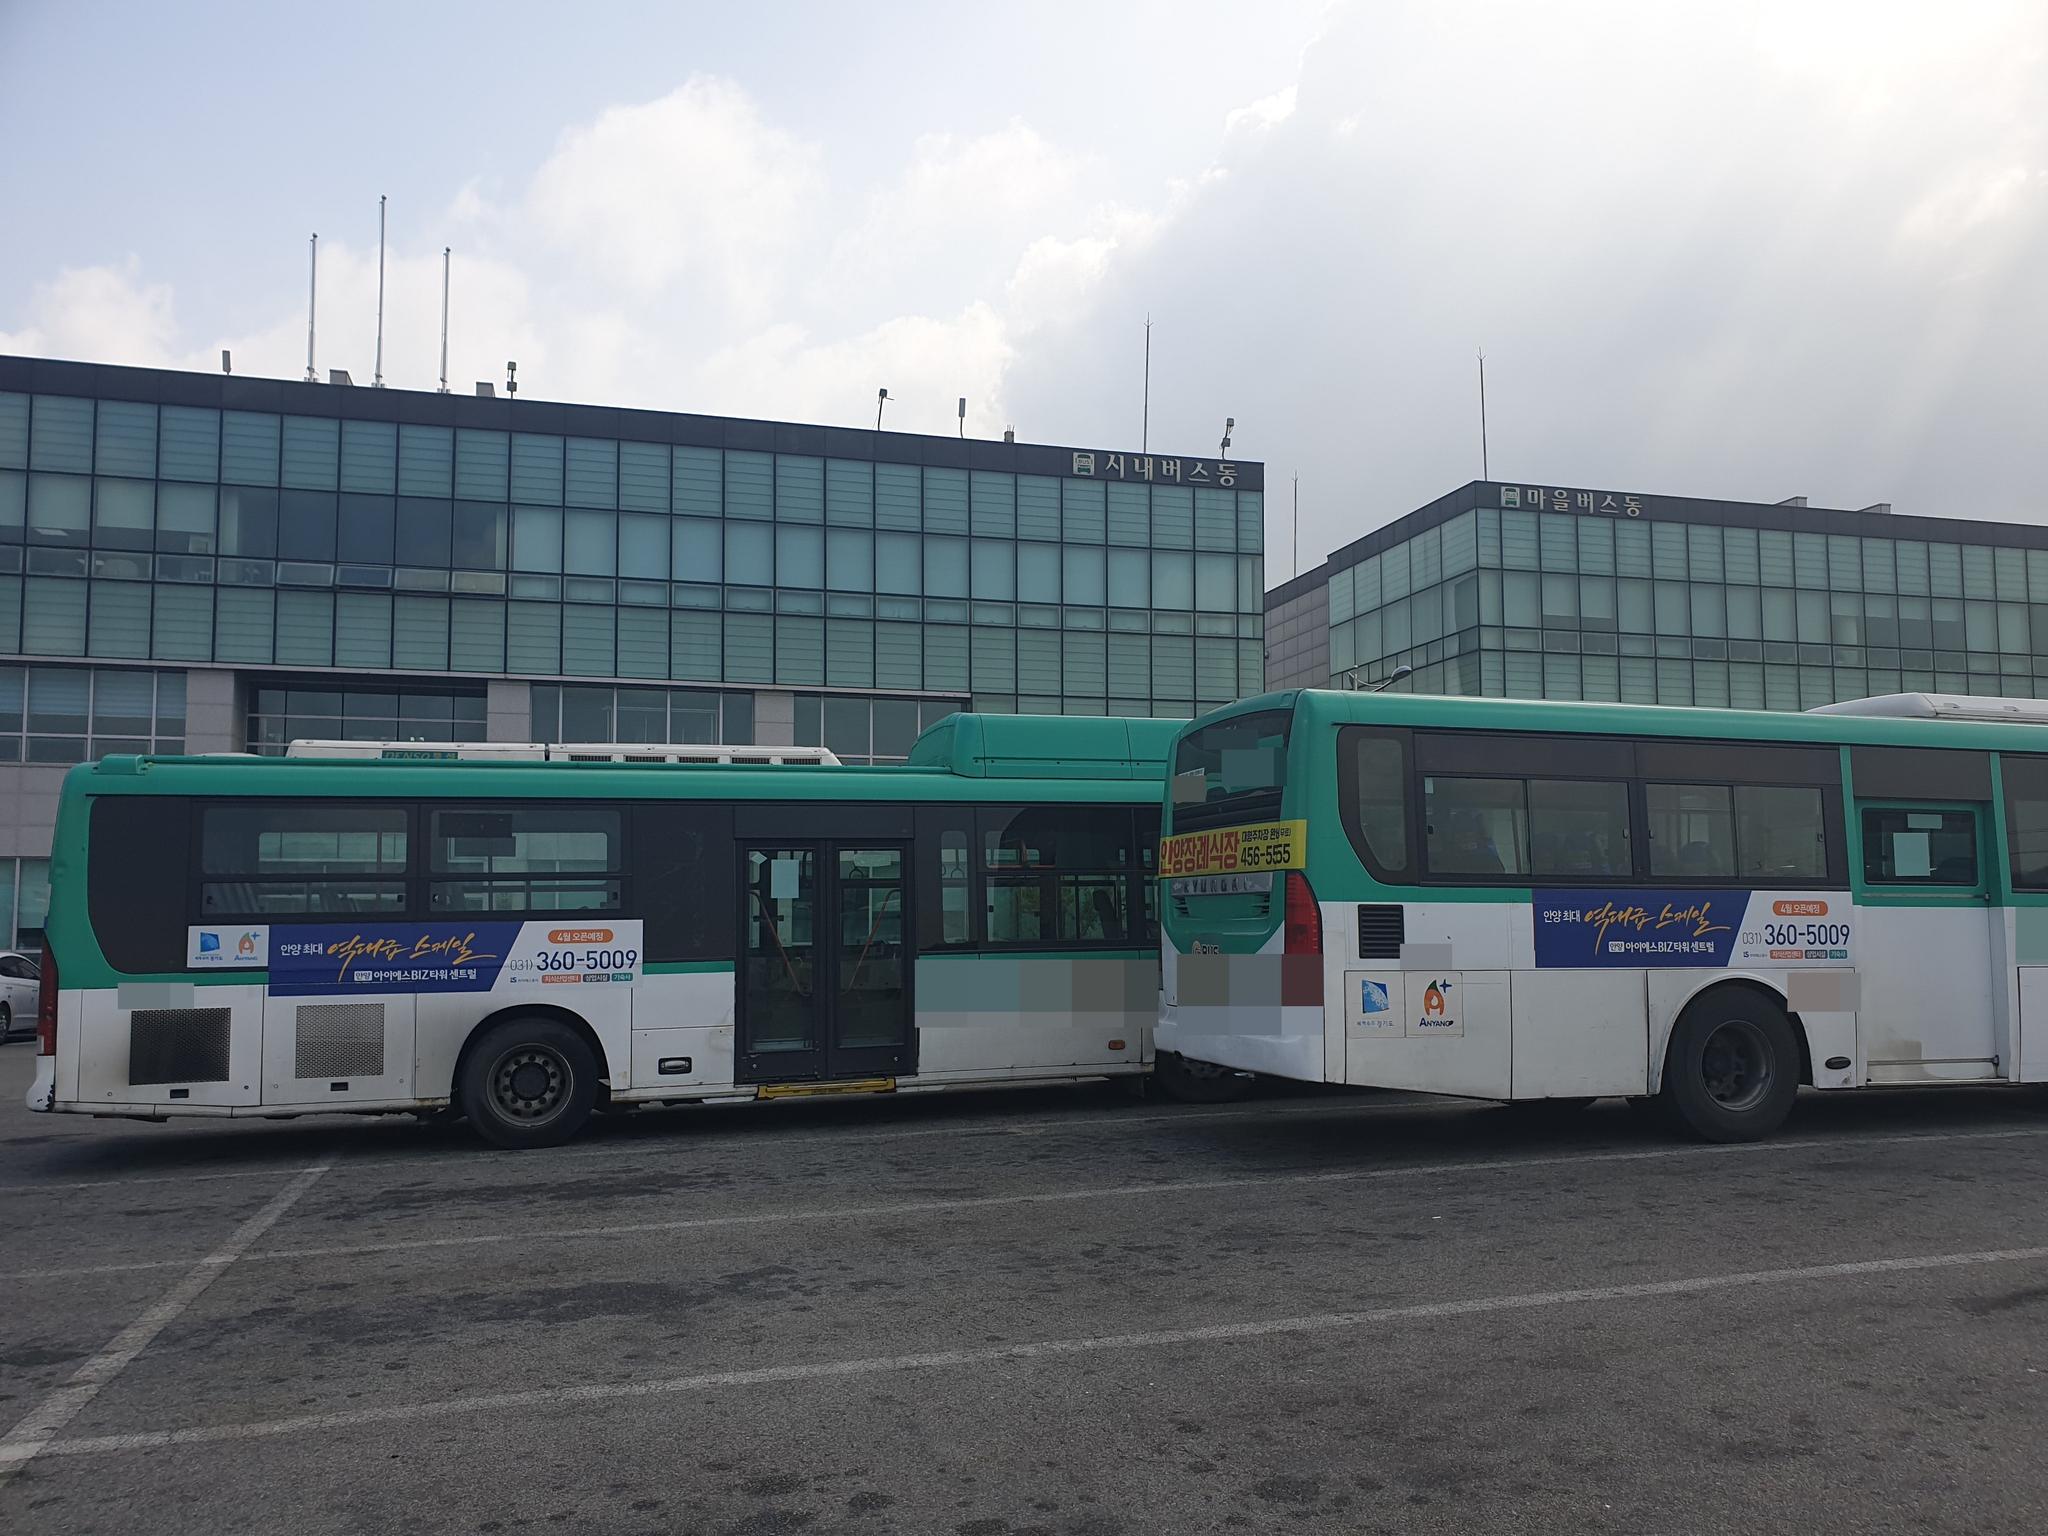 신종 코로나 확산으로 어려움을 겪고 있는 경기도 지역 버스 업체의 공영차고지. [증앙포토]